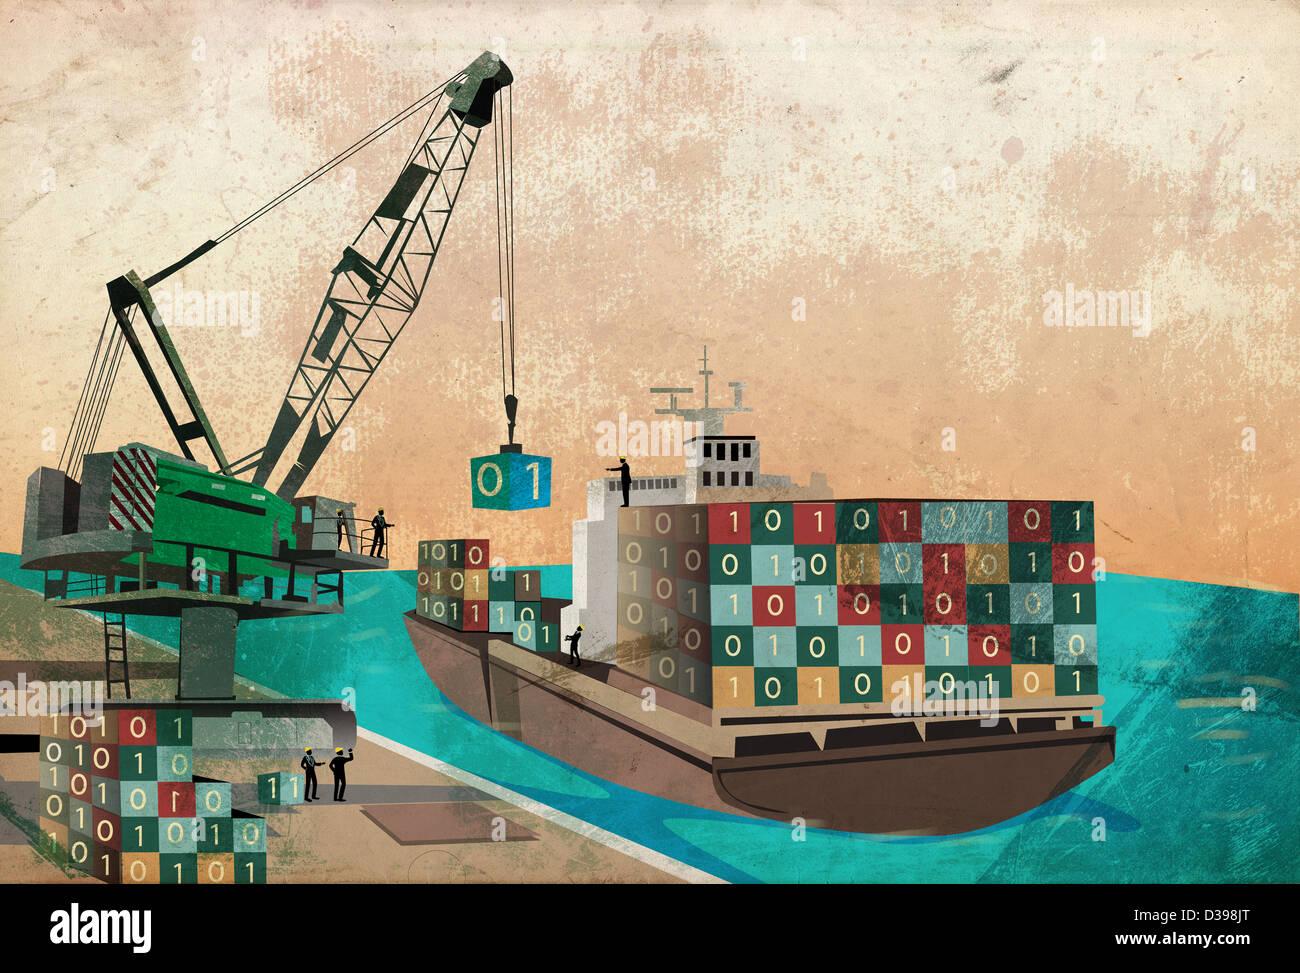 Industrie du transport maritime en code binaire de chargement des conteneurs sur un navire qui représente le Photo Stock